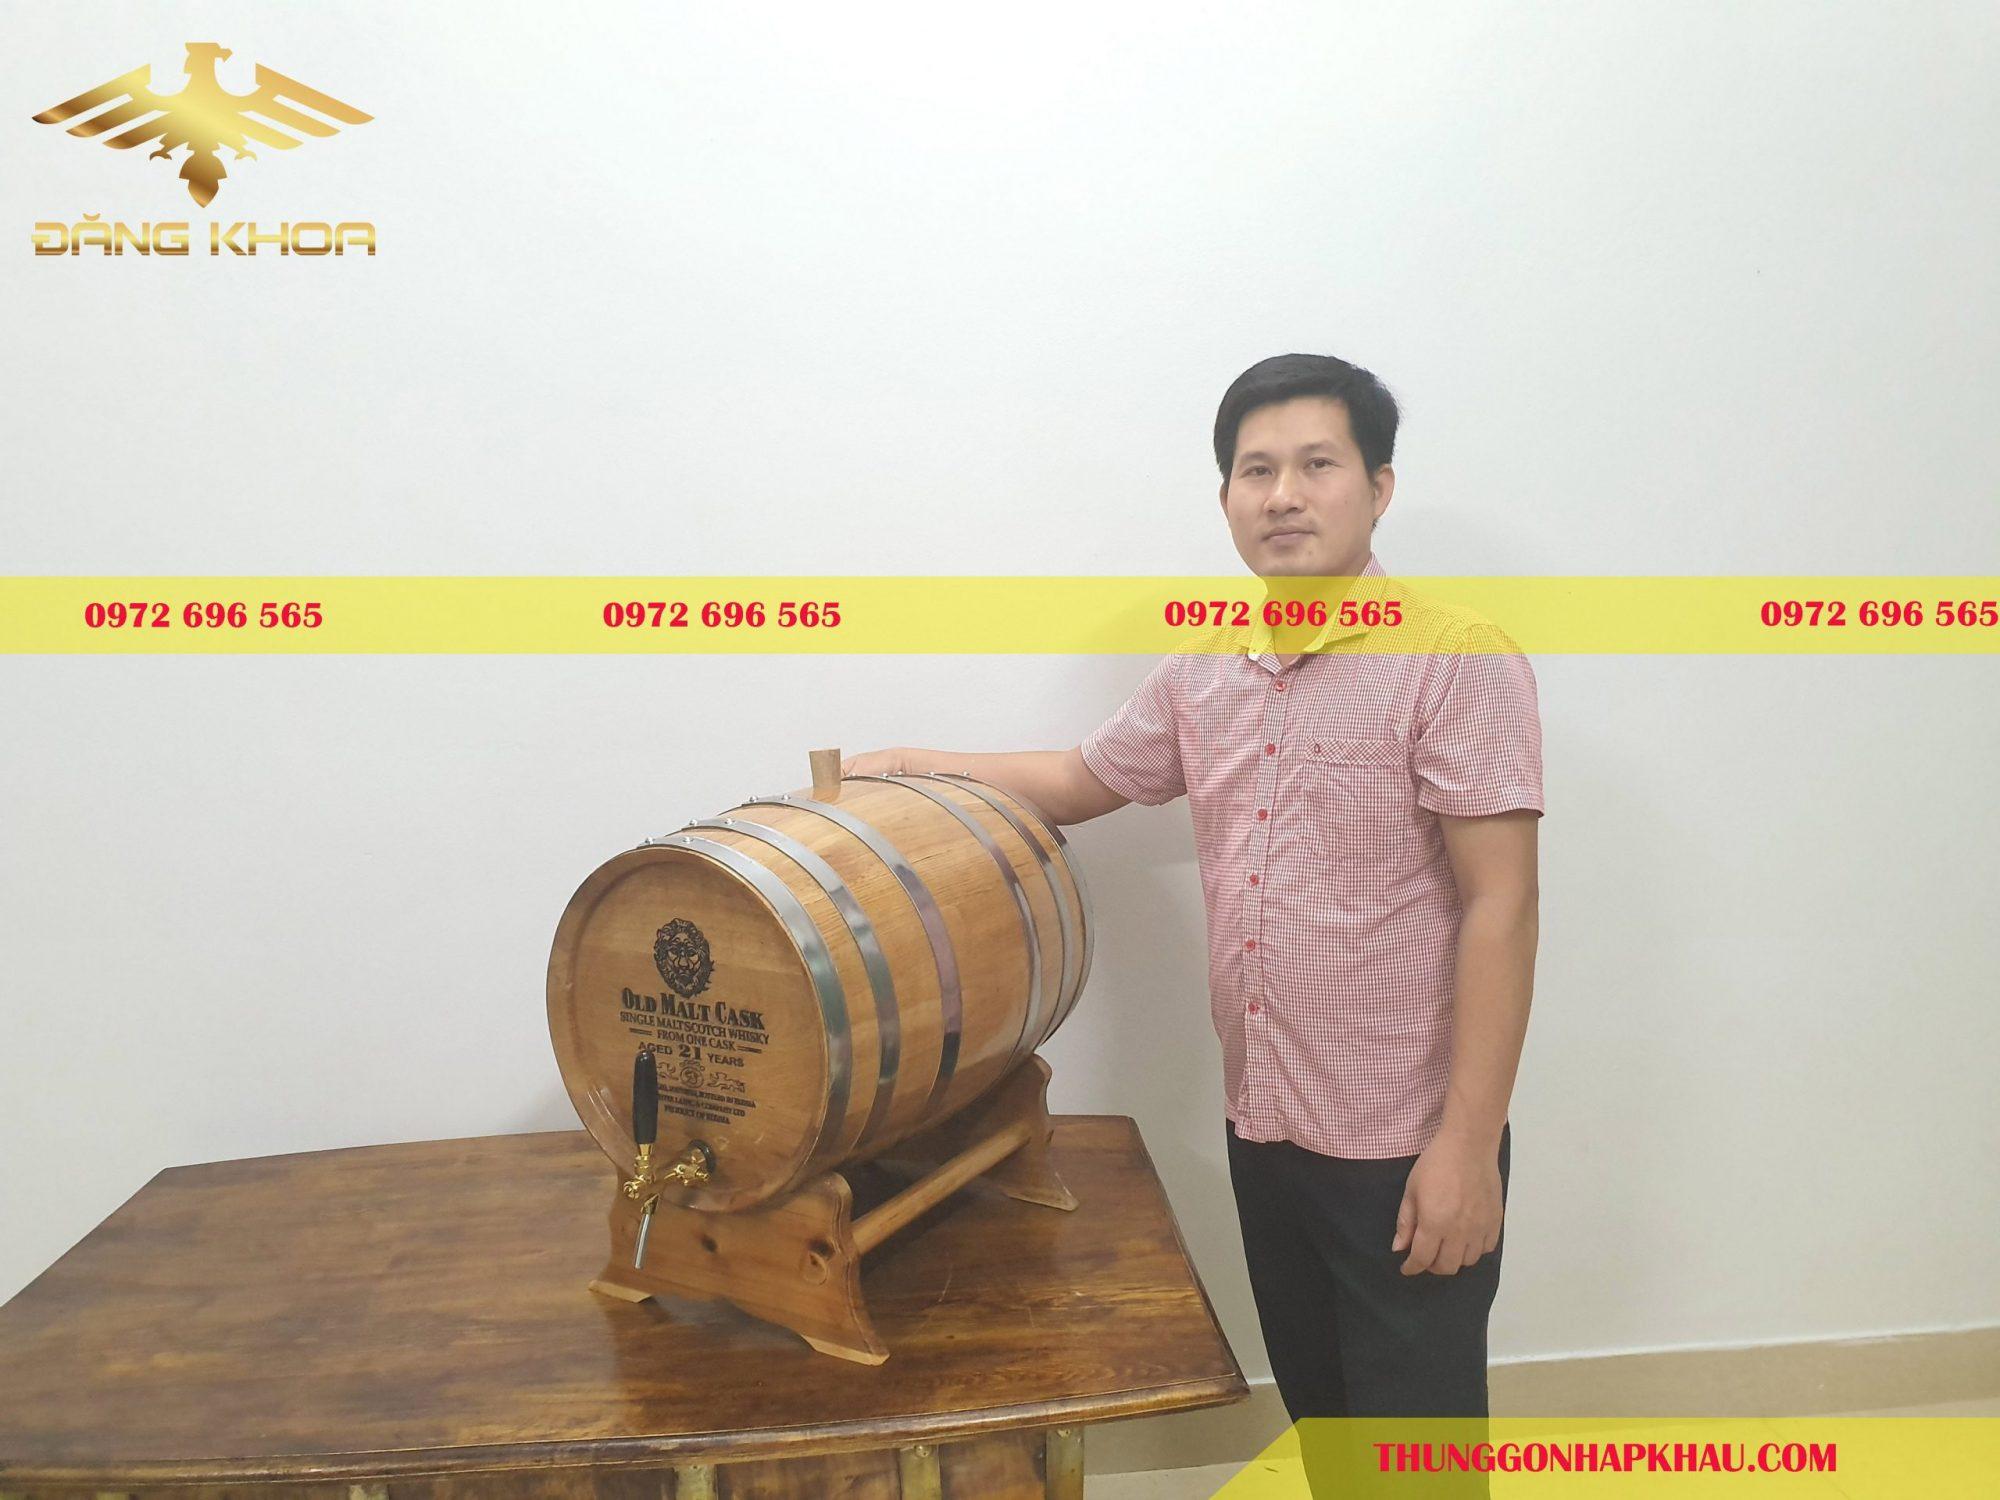 Bán thùng gỗ sồi ngâm rượu giá rẻ tại Hà Nội